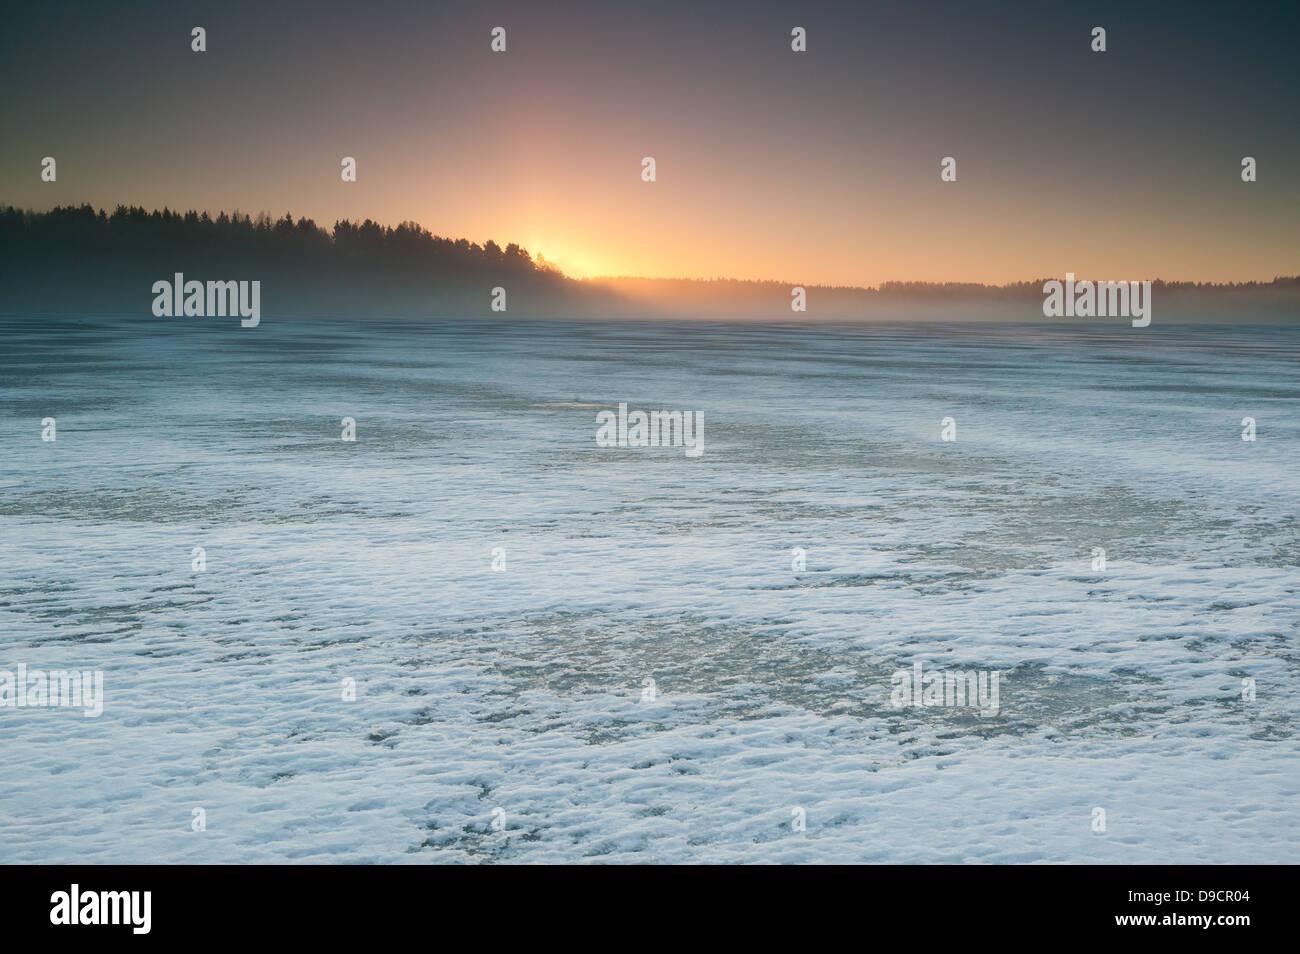 Inverno mattina a Vanemfjorden nel lago Vansjø, Østfold fylke, Norvegia. Immagini Stock